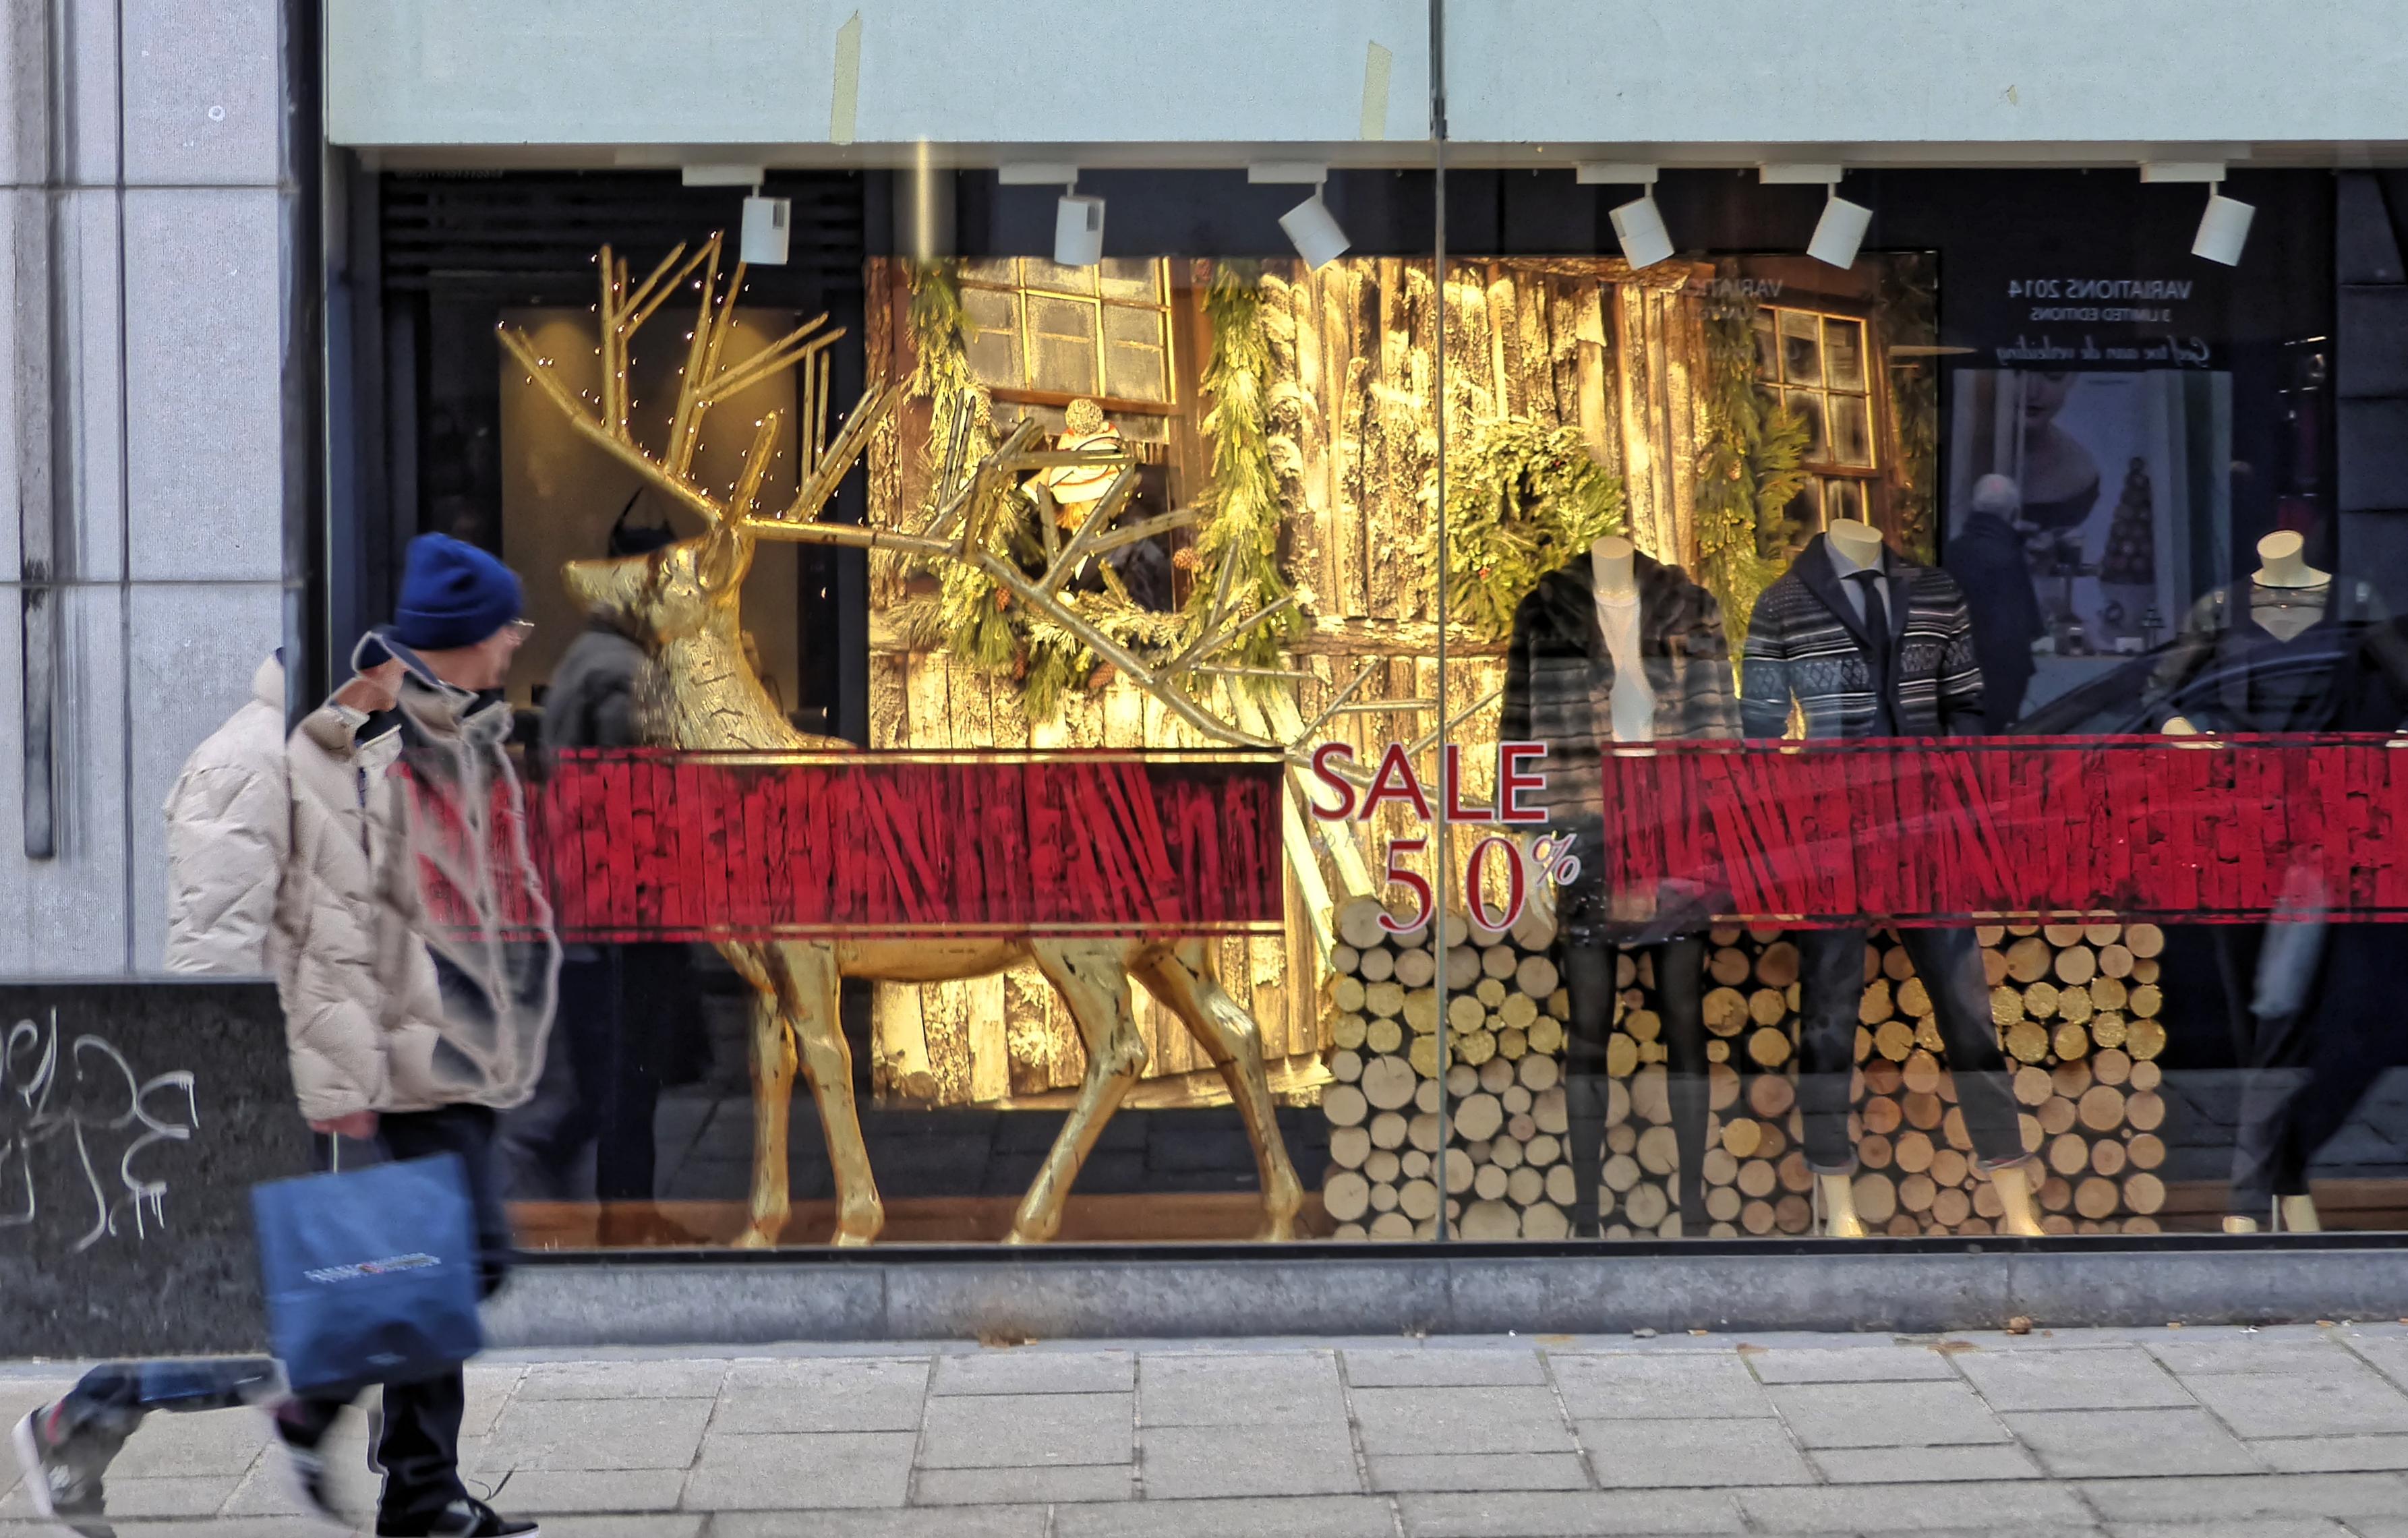 Baggrunde vindue, glas, HDR, spogelse, Europa, guld, gadekunst, Belgien, v u00e6gmaleri, KUNST